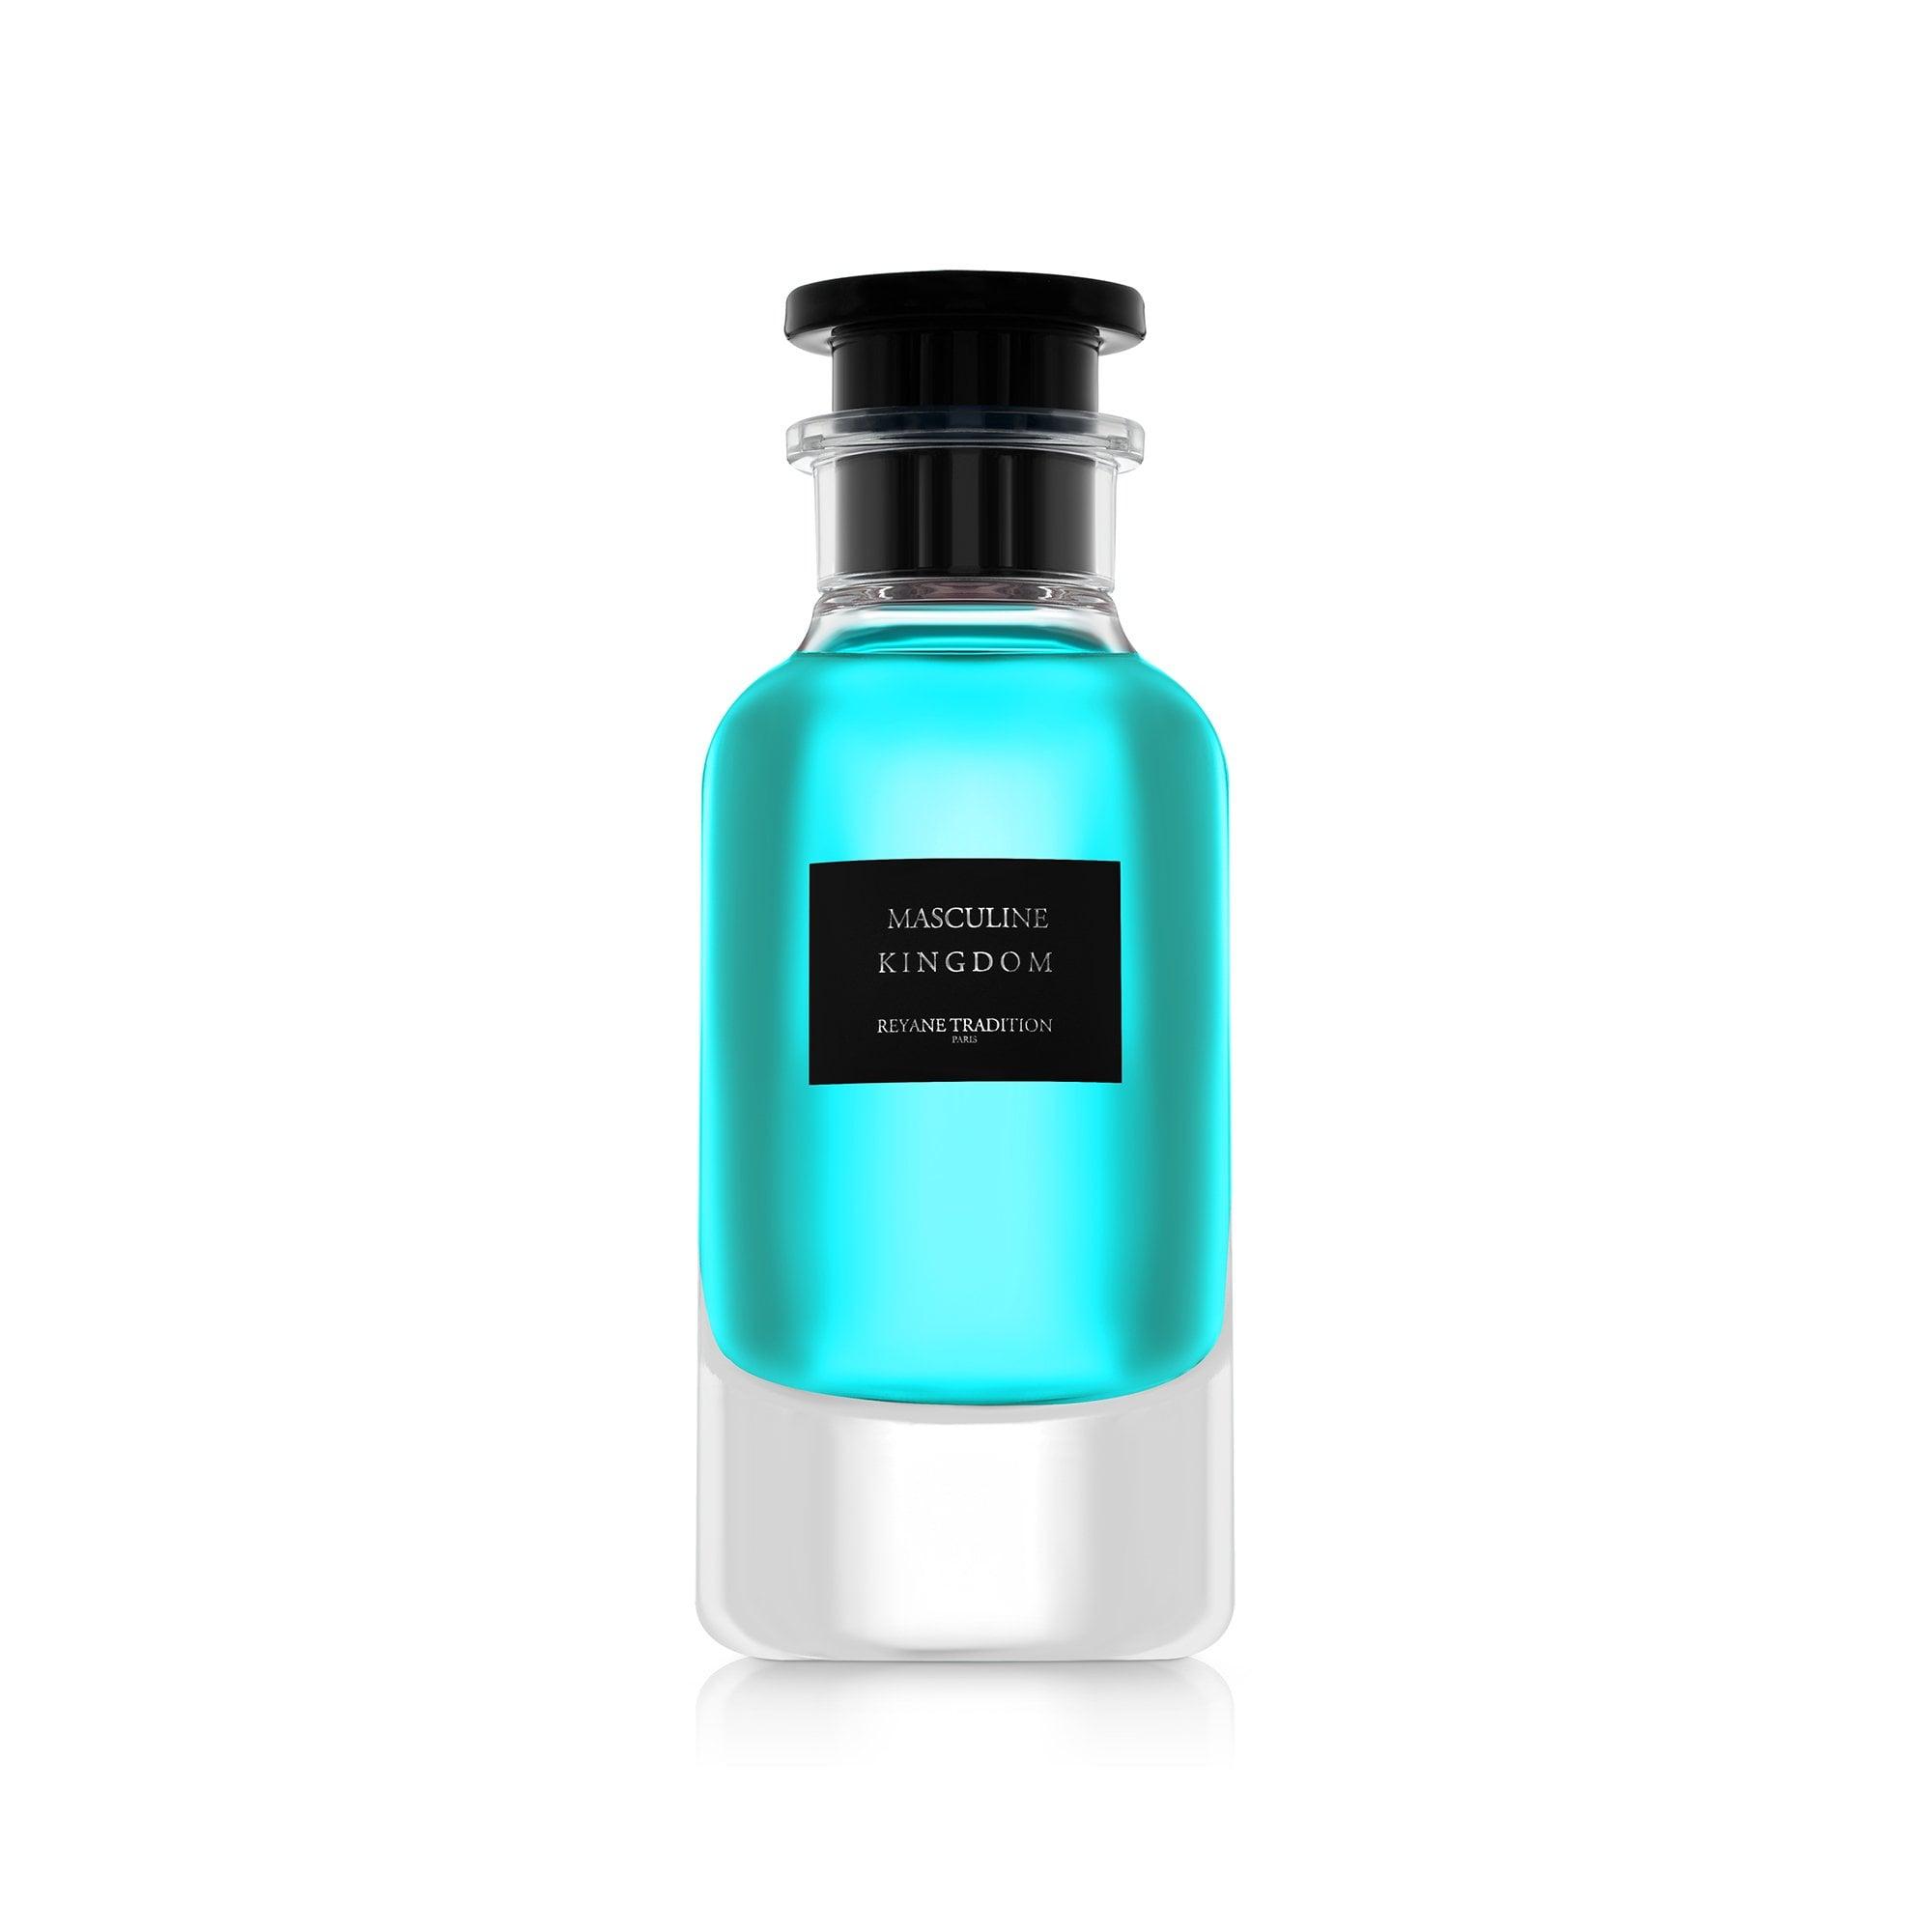 Reyane Tradition Eau De Parfum